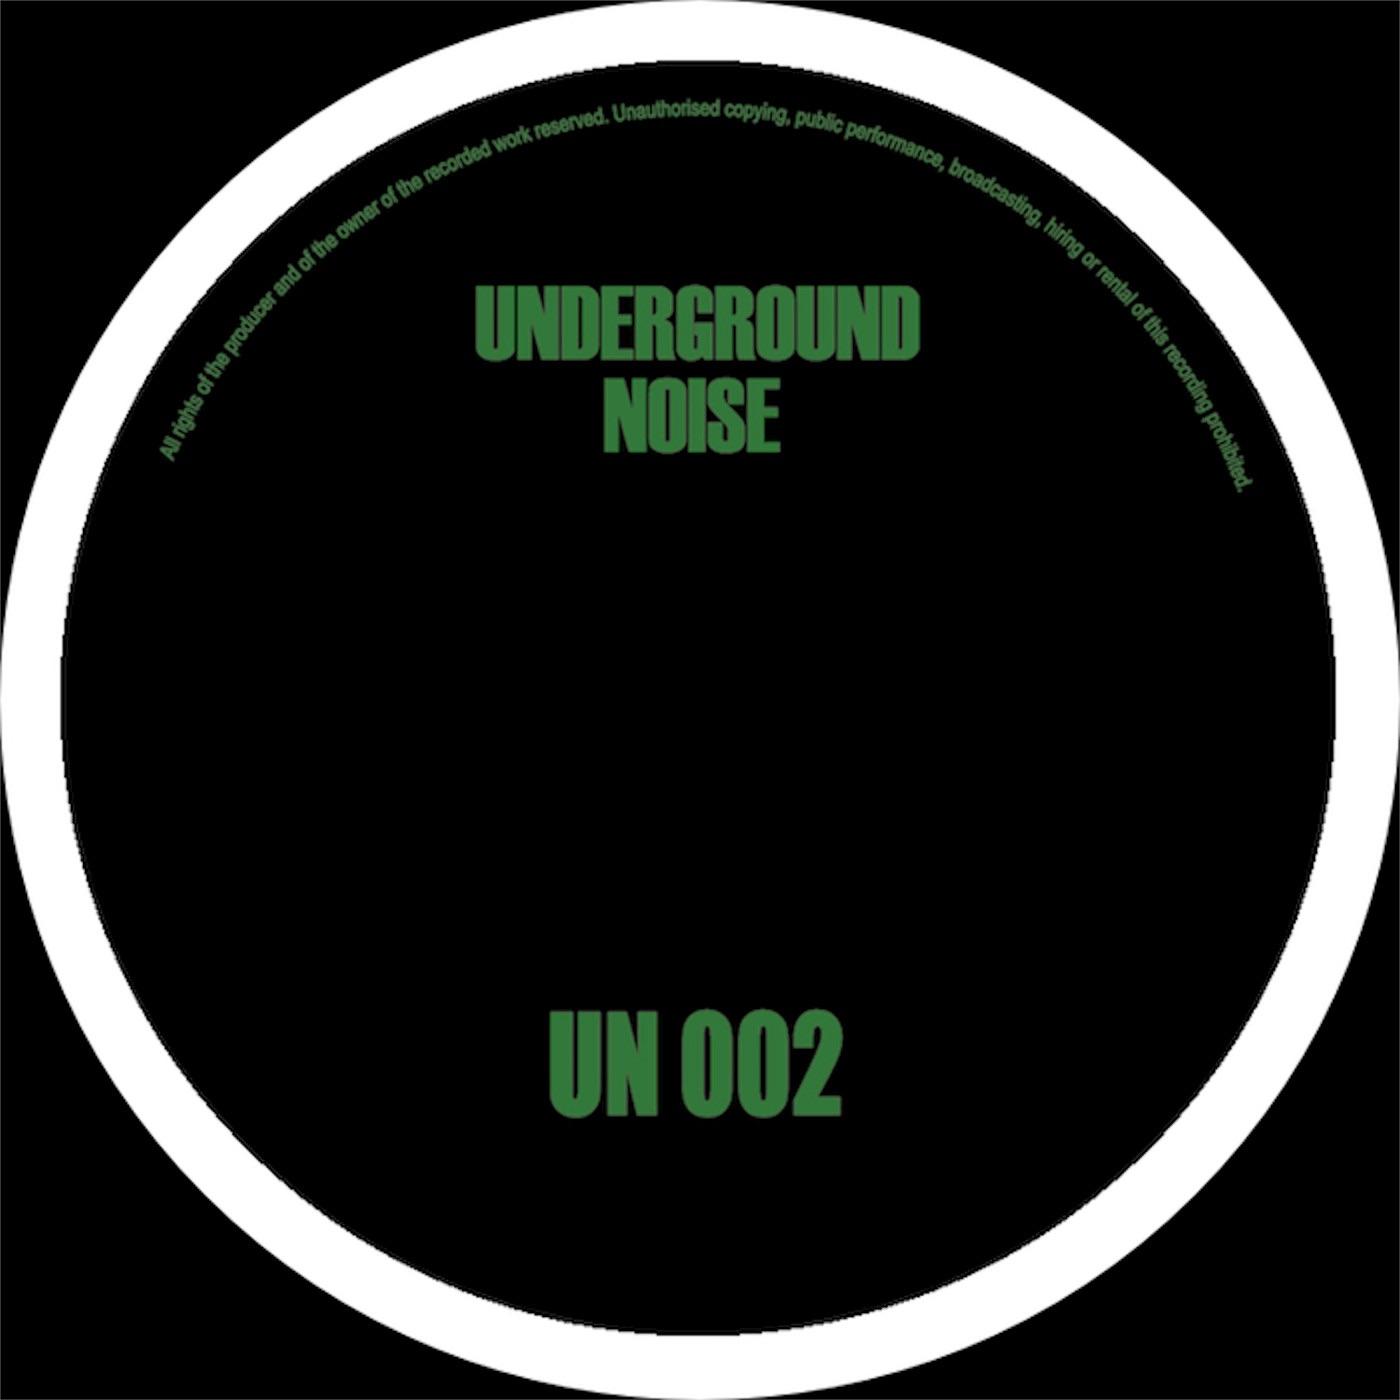 Un002 - Single